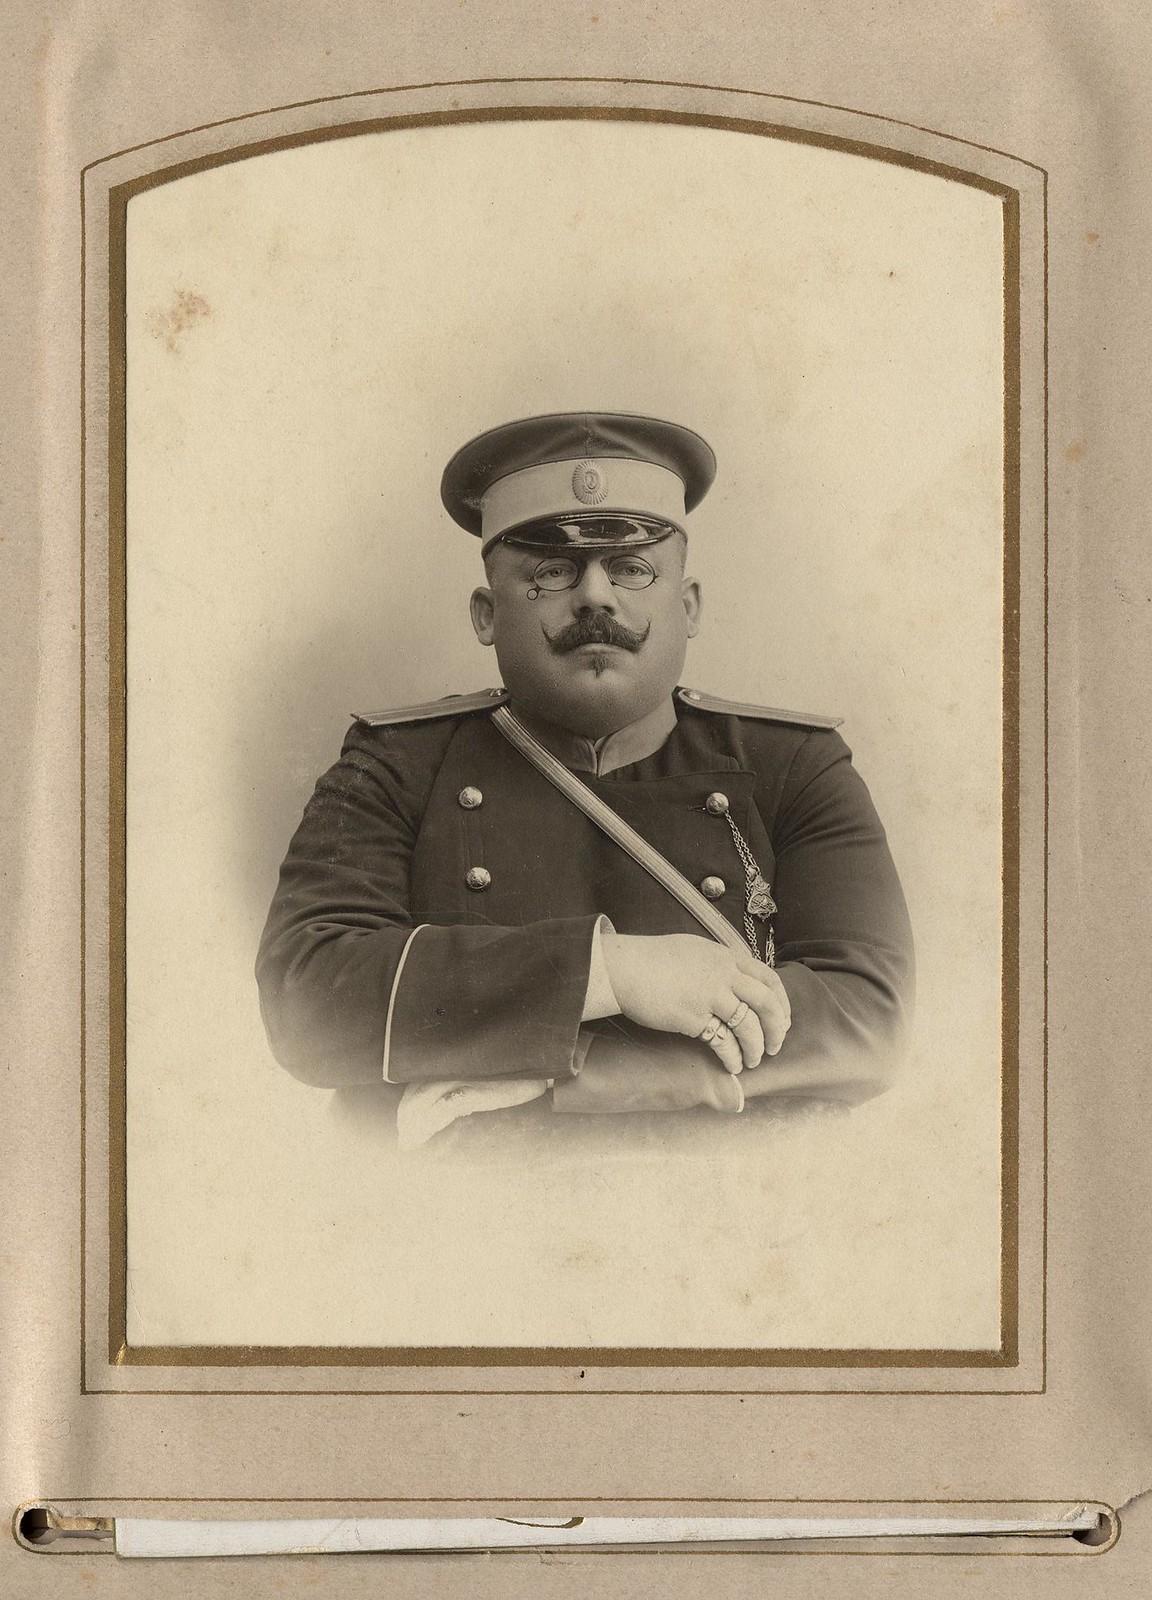 02. Начальник пожарной службы А.Ф. Домишкевич в форме